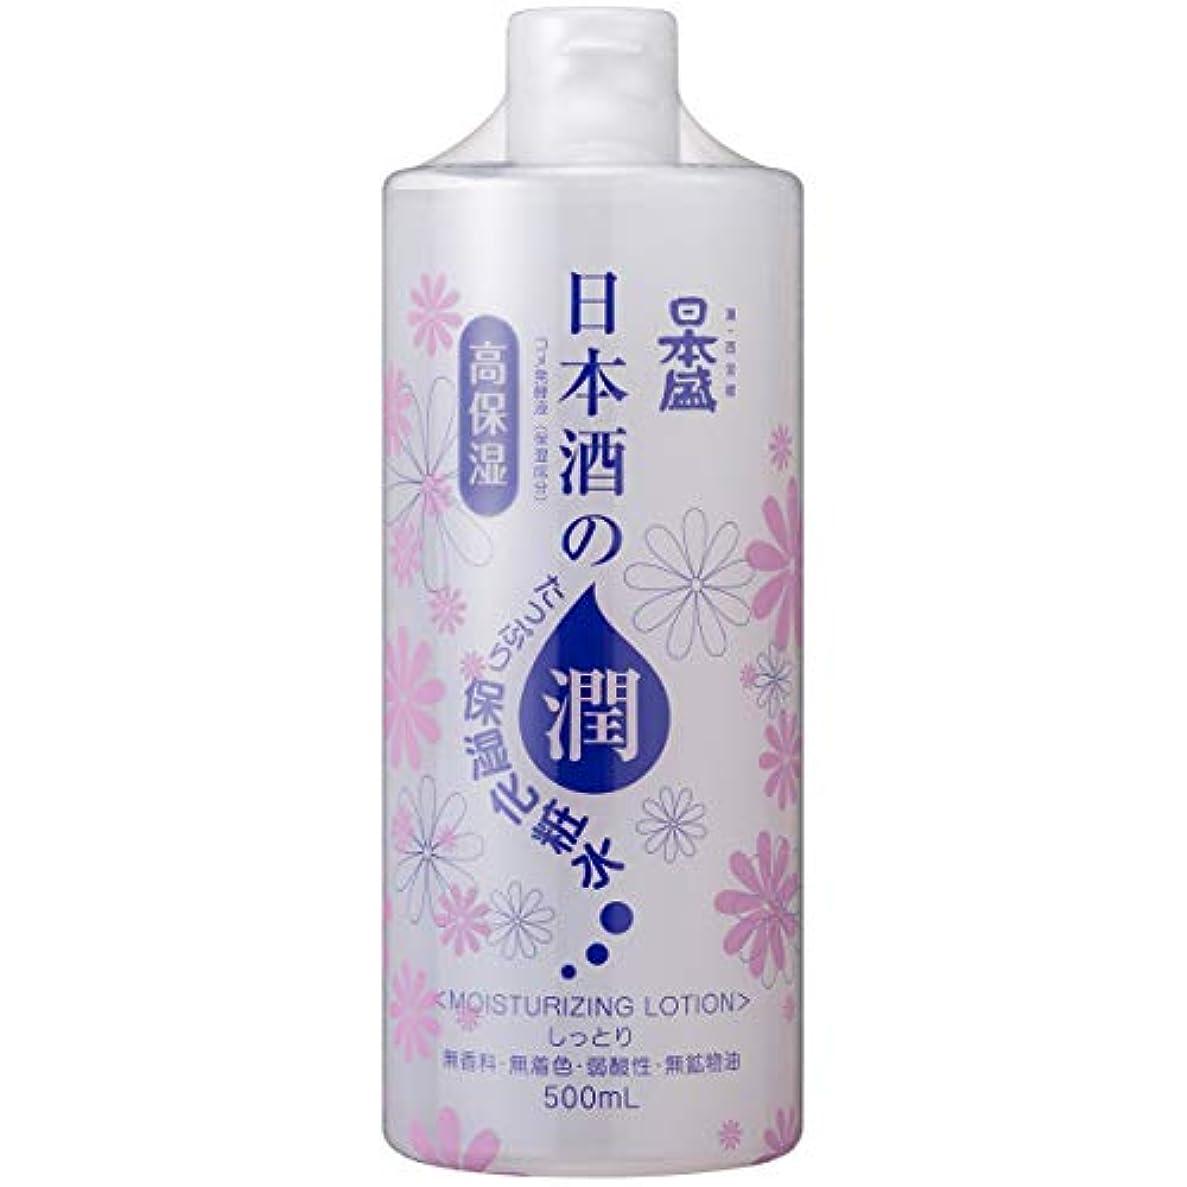 日本盛 日本酒の保湿化粧水 しっとり 500mL(無香料 無着色 弱酸性 高保湿)